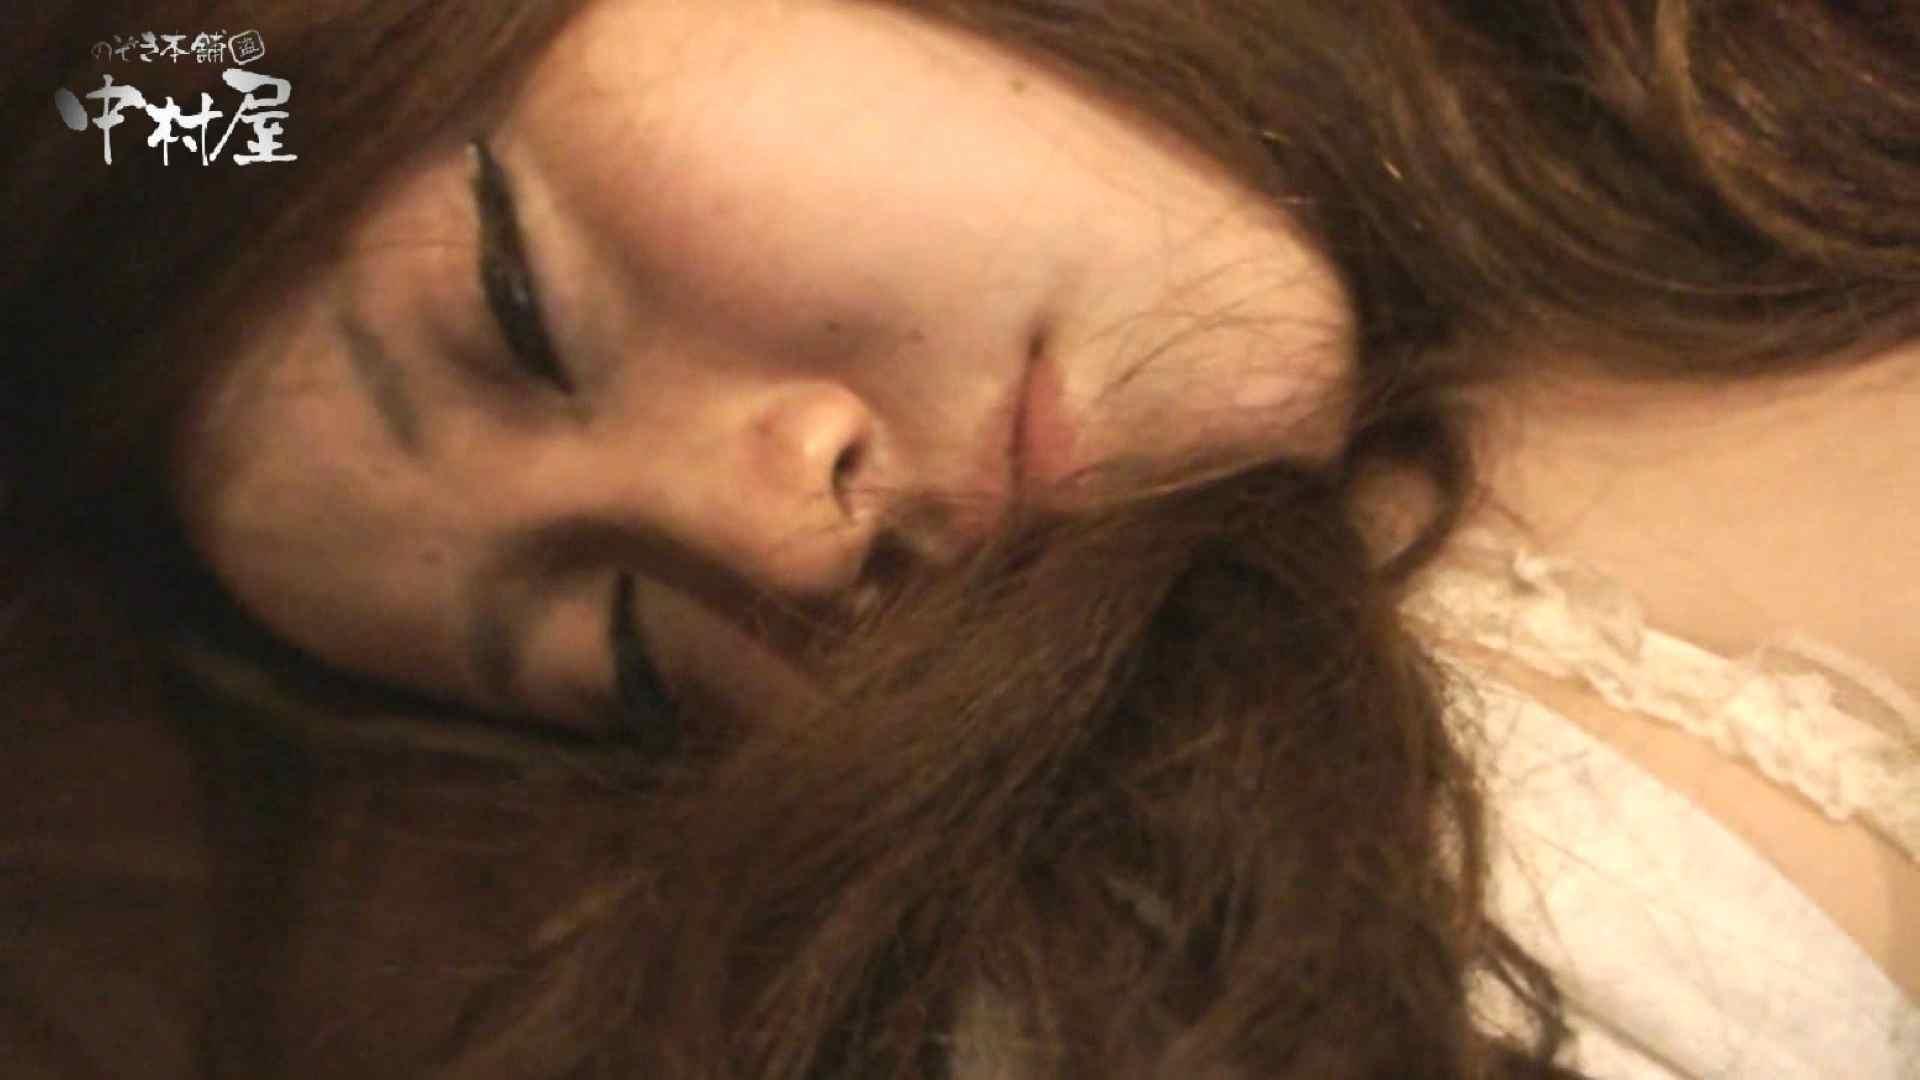 欲望 リアルドール Case.11 Sちゃん現役女子大生19歳 前編 女子大生 | イタズラ  96画像 52